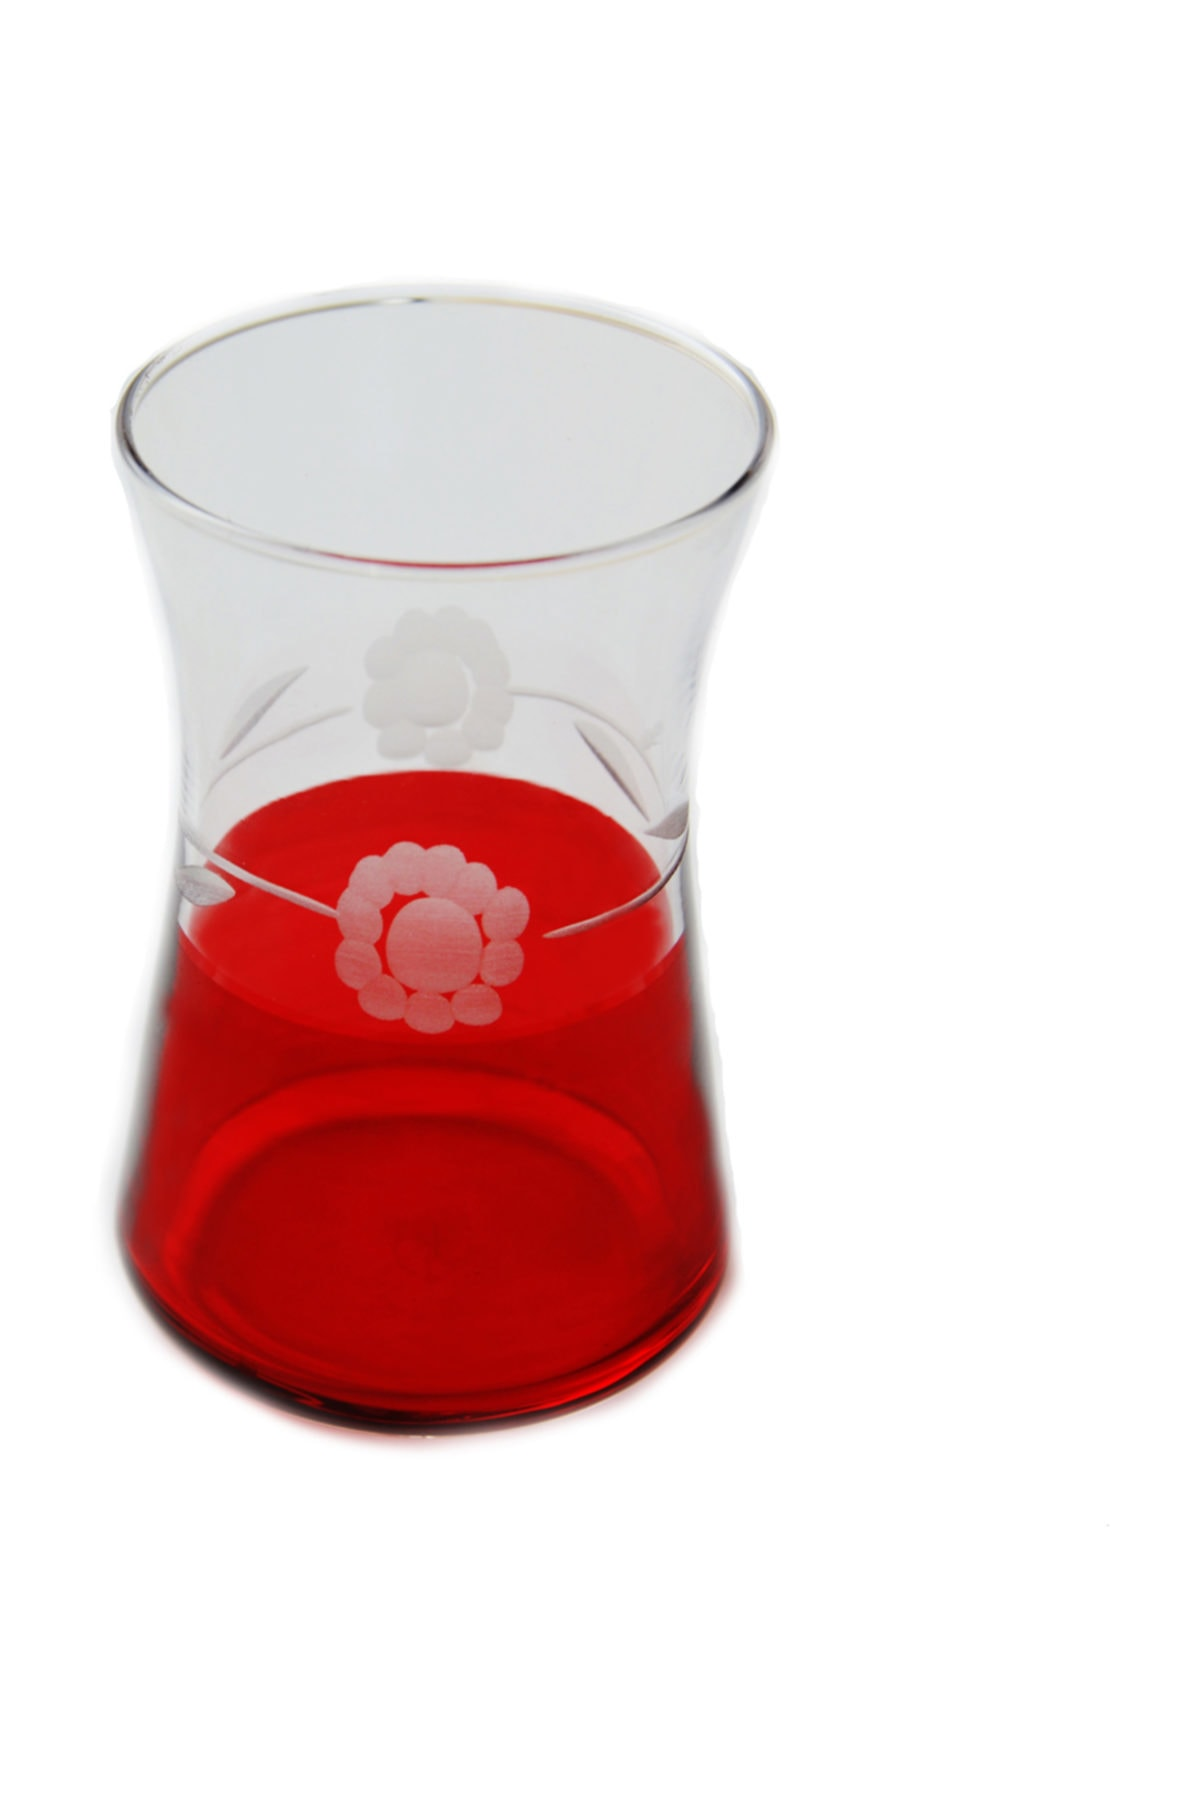 BAŞAK 42361 Heybeli Kırmızı Papatya Dekor 6 Adet Çay Bardağı 1